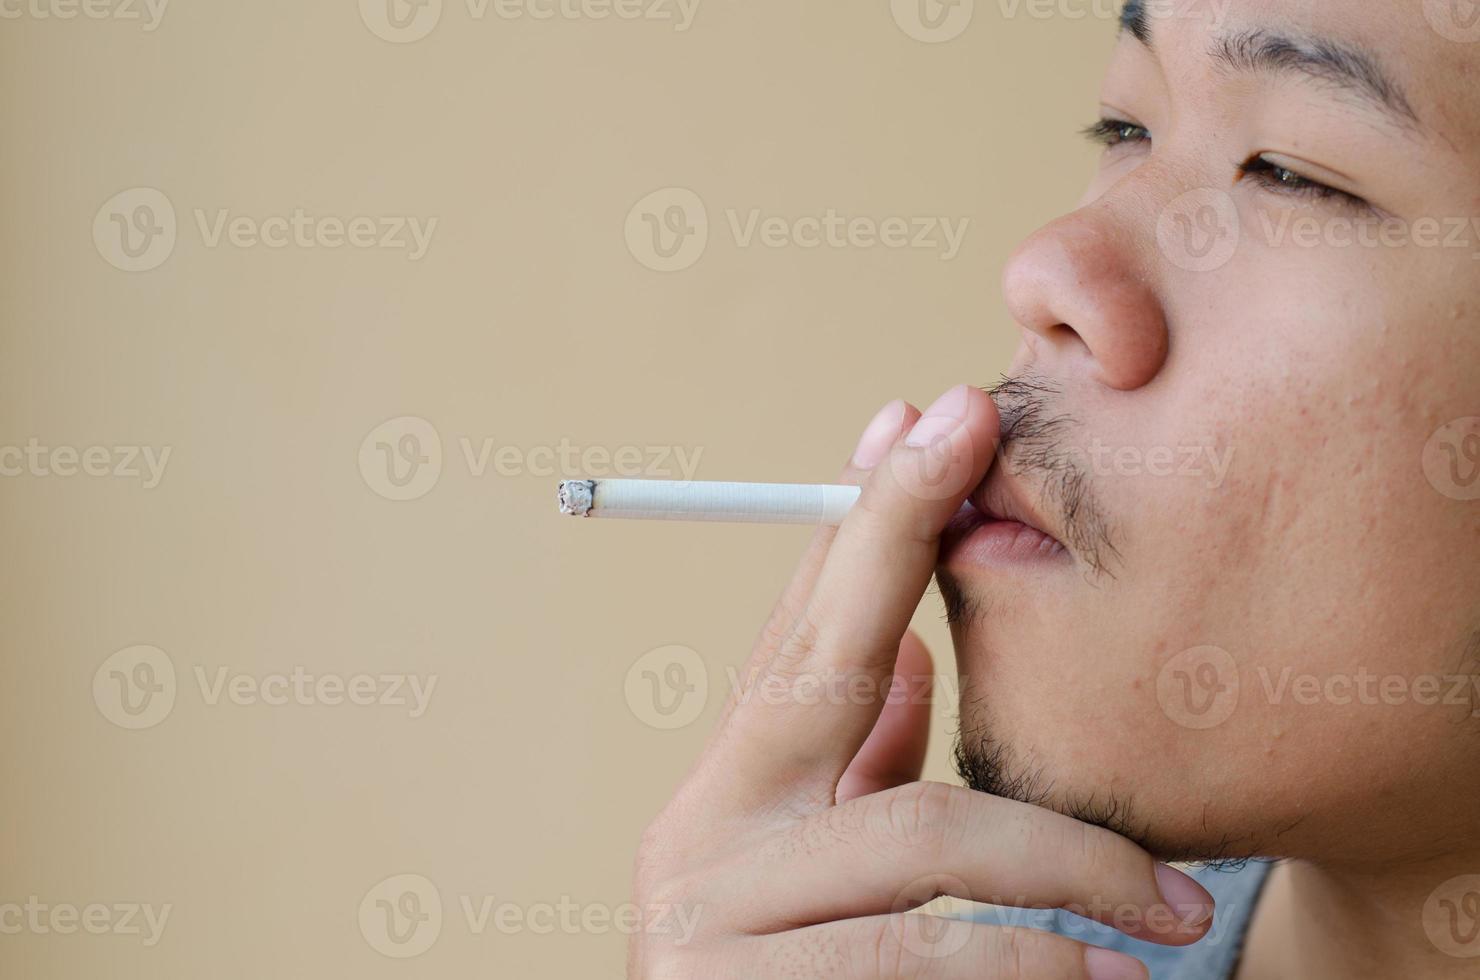 Aziatische jonge man roken sigaret foto